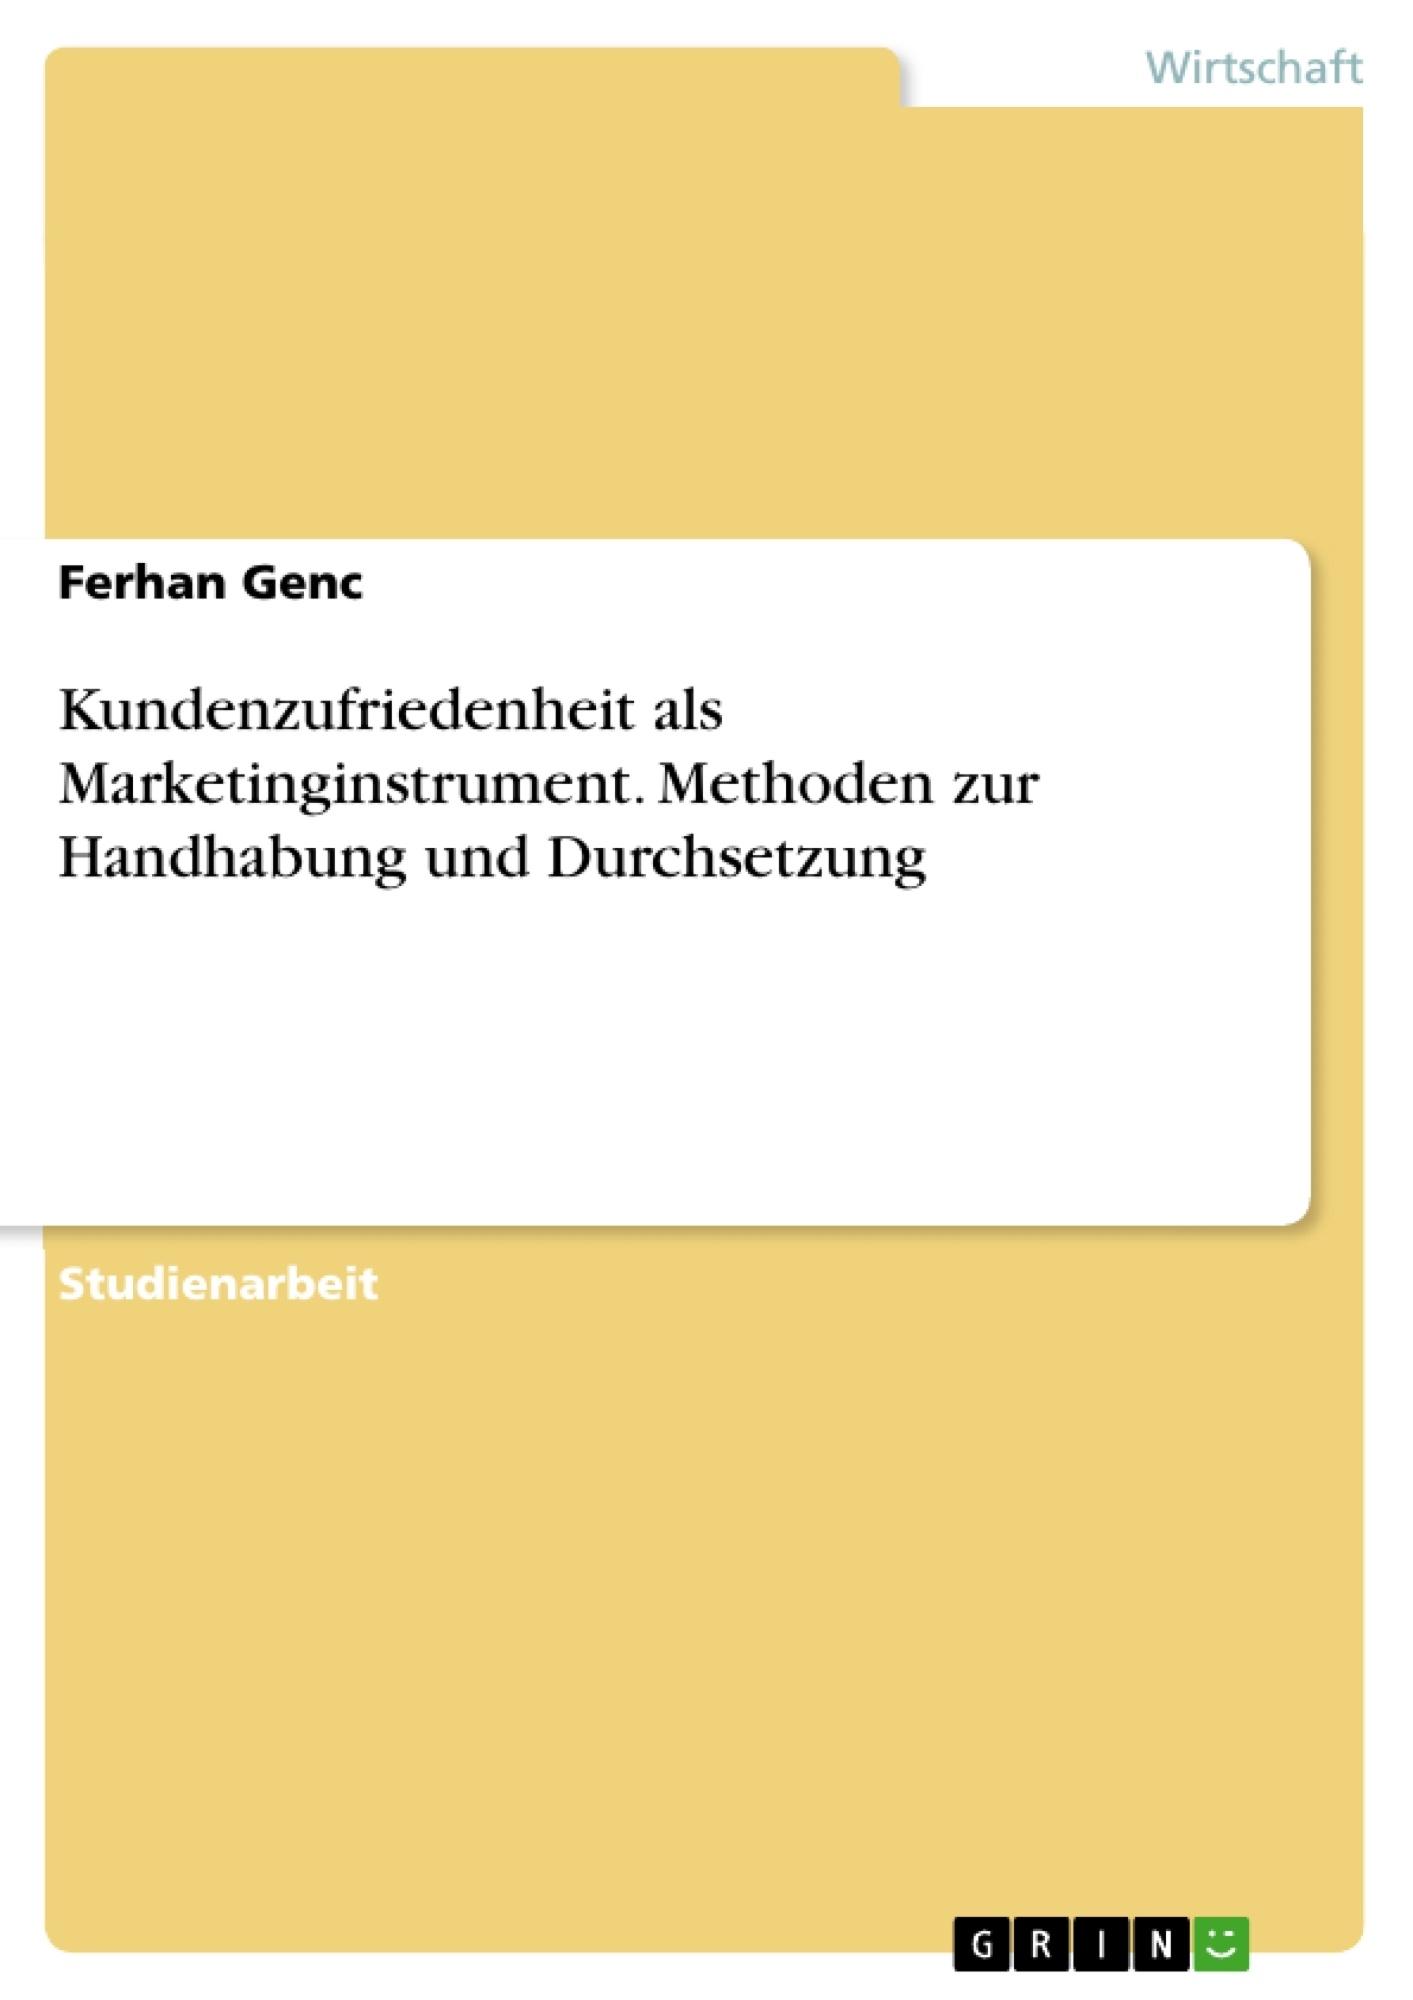 Titel: Kundenzufriedenheit als Marketinginstrument. Methoden zur Handhabung und Durchsetzung